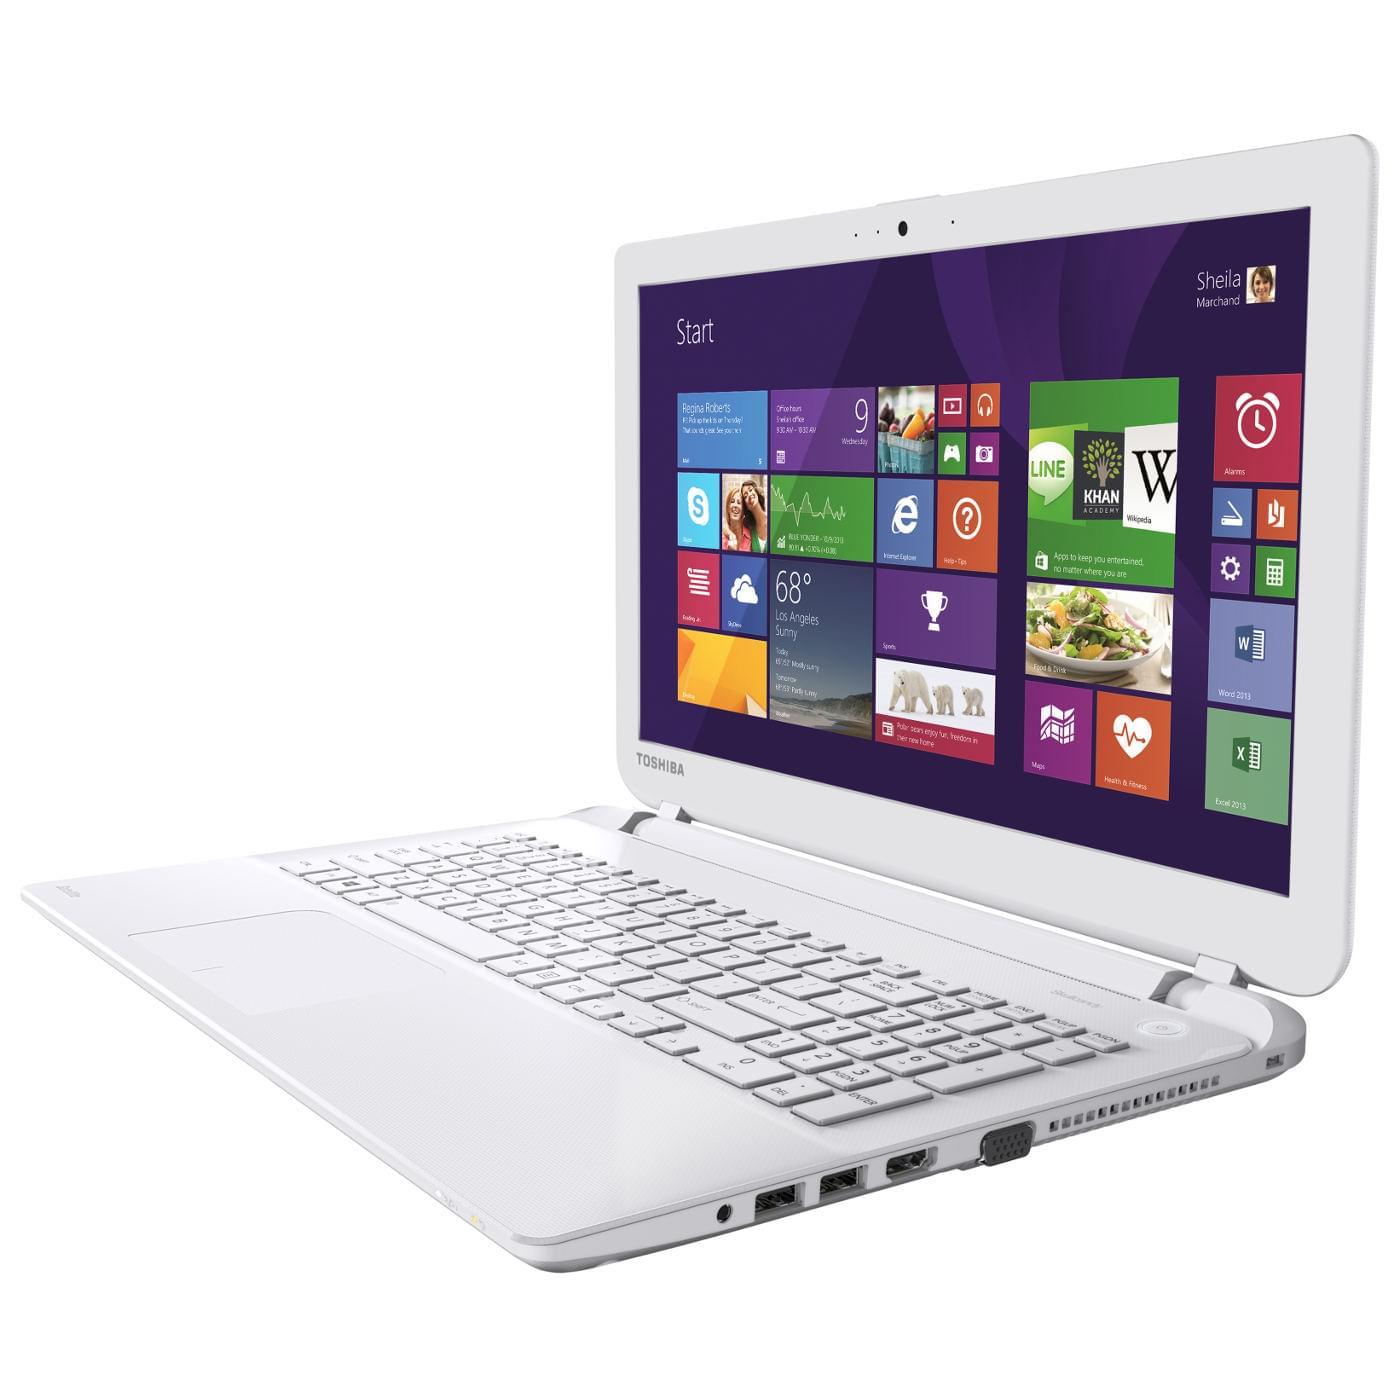 Toshiba PSKTNE-022013FR - PC portable Toshiba - Cybertek.fr - 0